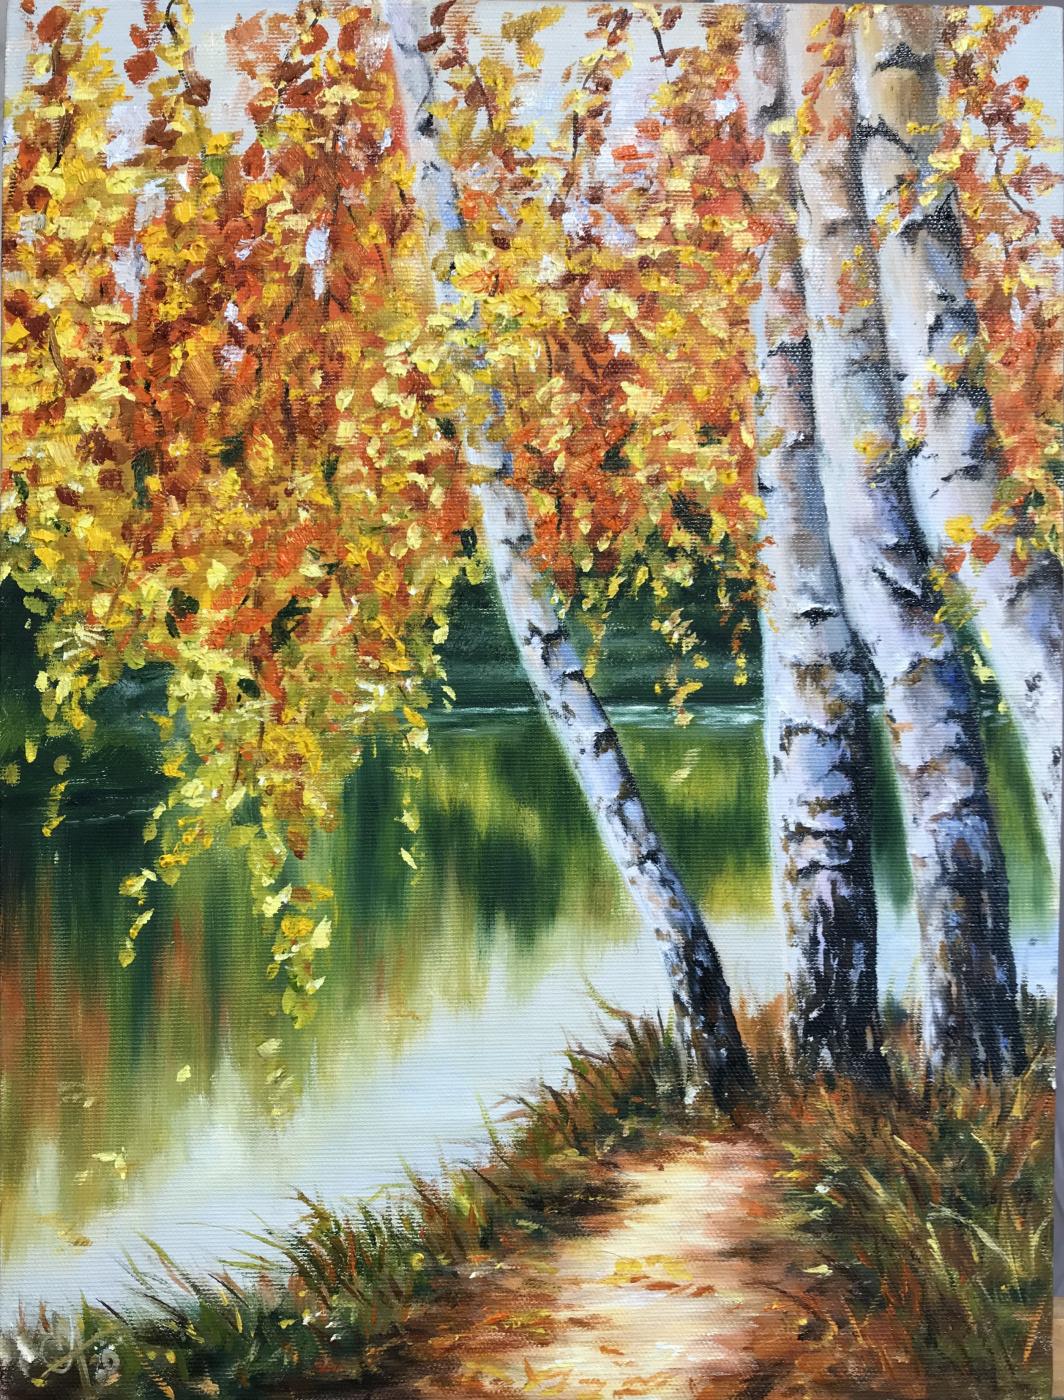 Svetlana Ivanova. Autumn birches by the river